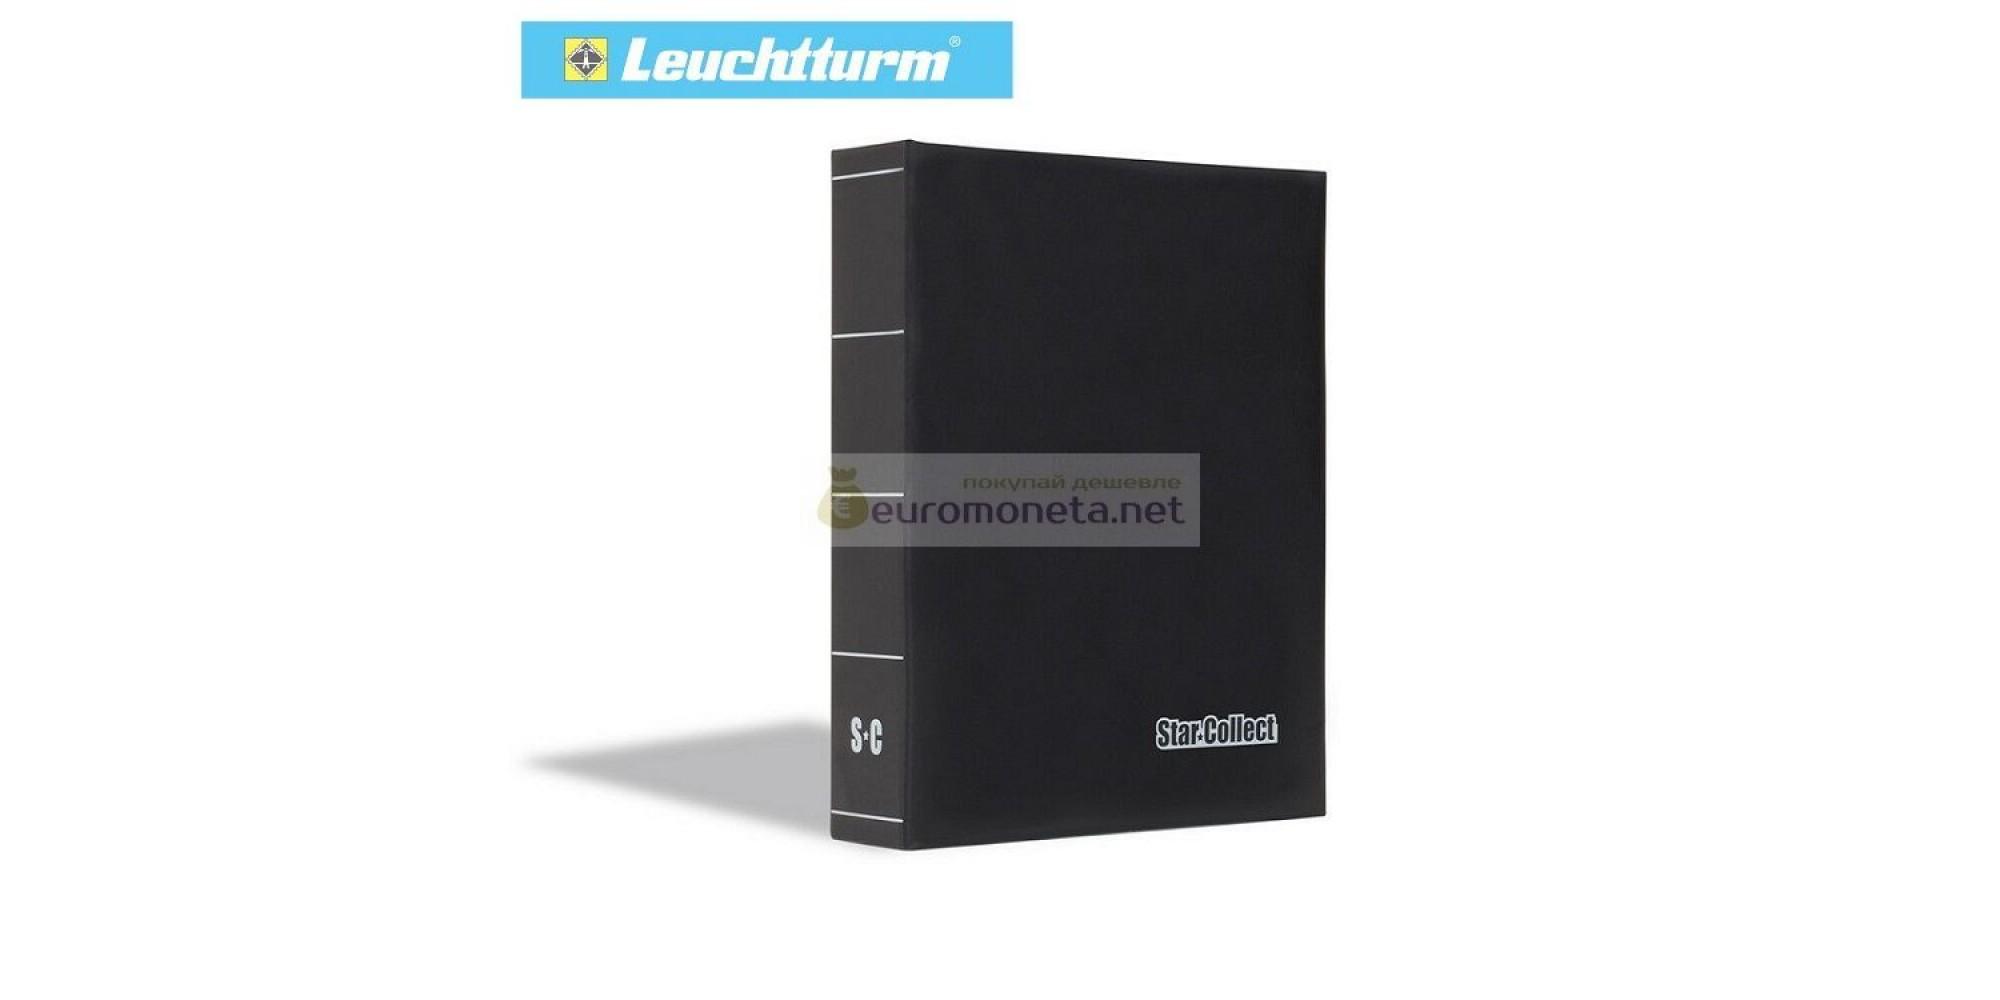 Многоцелевой альбом для 200 открыток, писем, фотографий и другого, Star Collect, Leuchtturm Германия